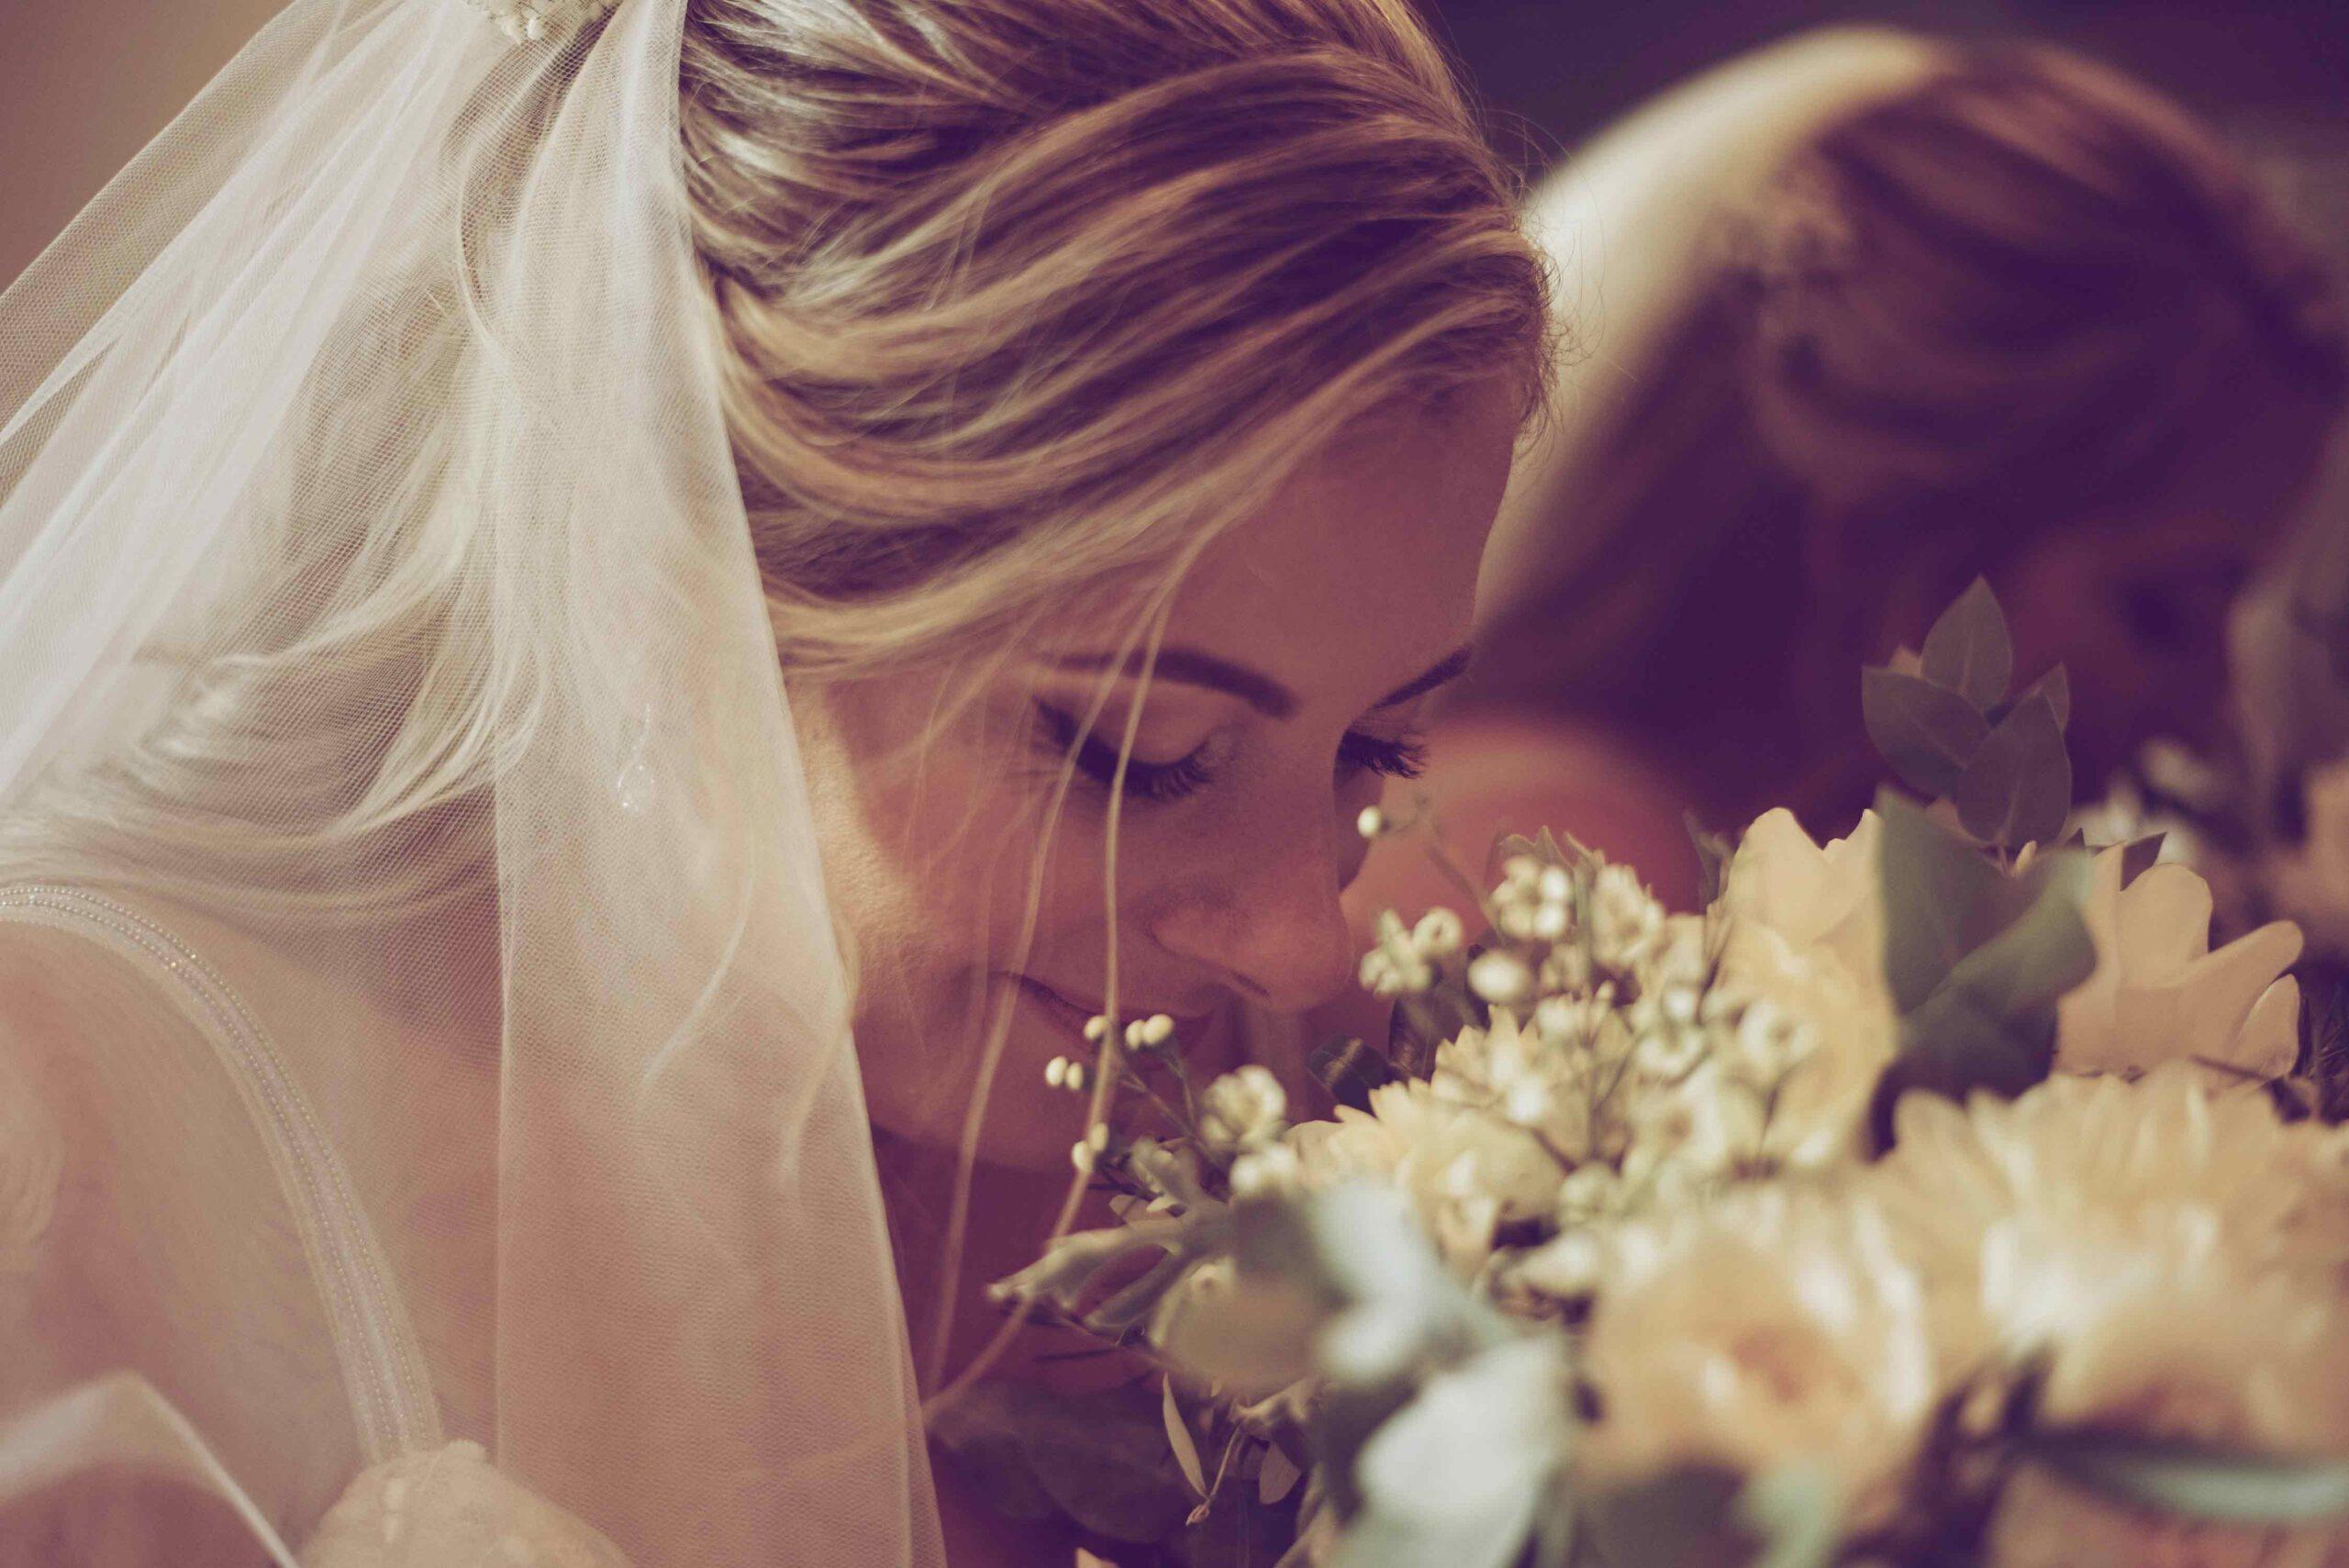 35 - Matrimonio a Roma - Manuel e Carlie - Fabrizio Musolino Fotografo Reportage.jpg